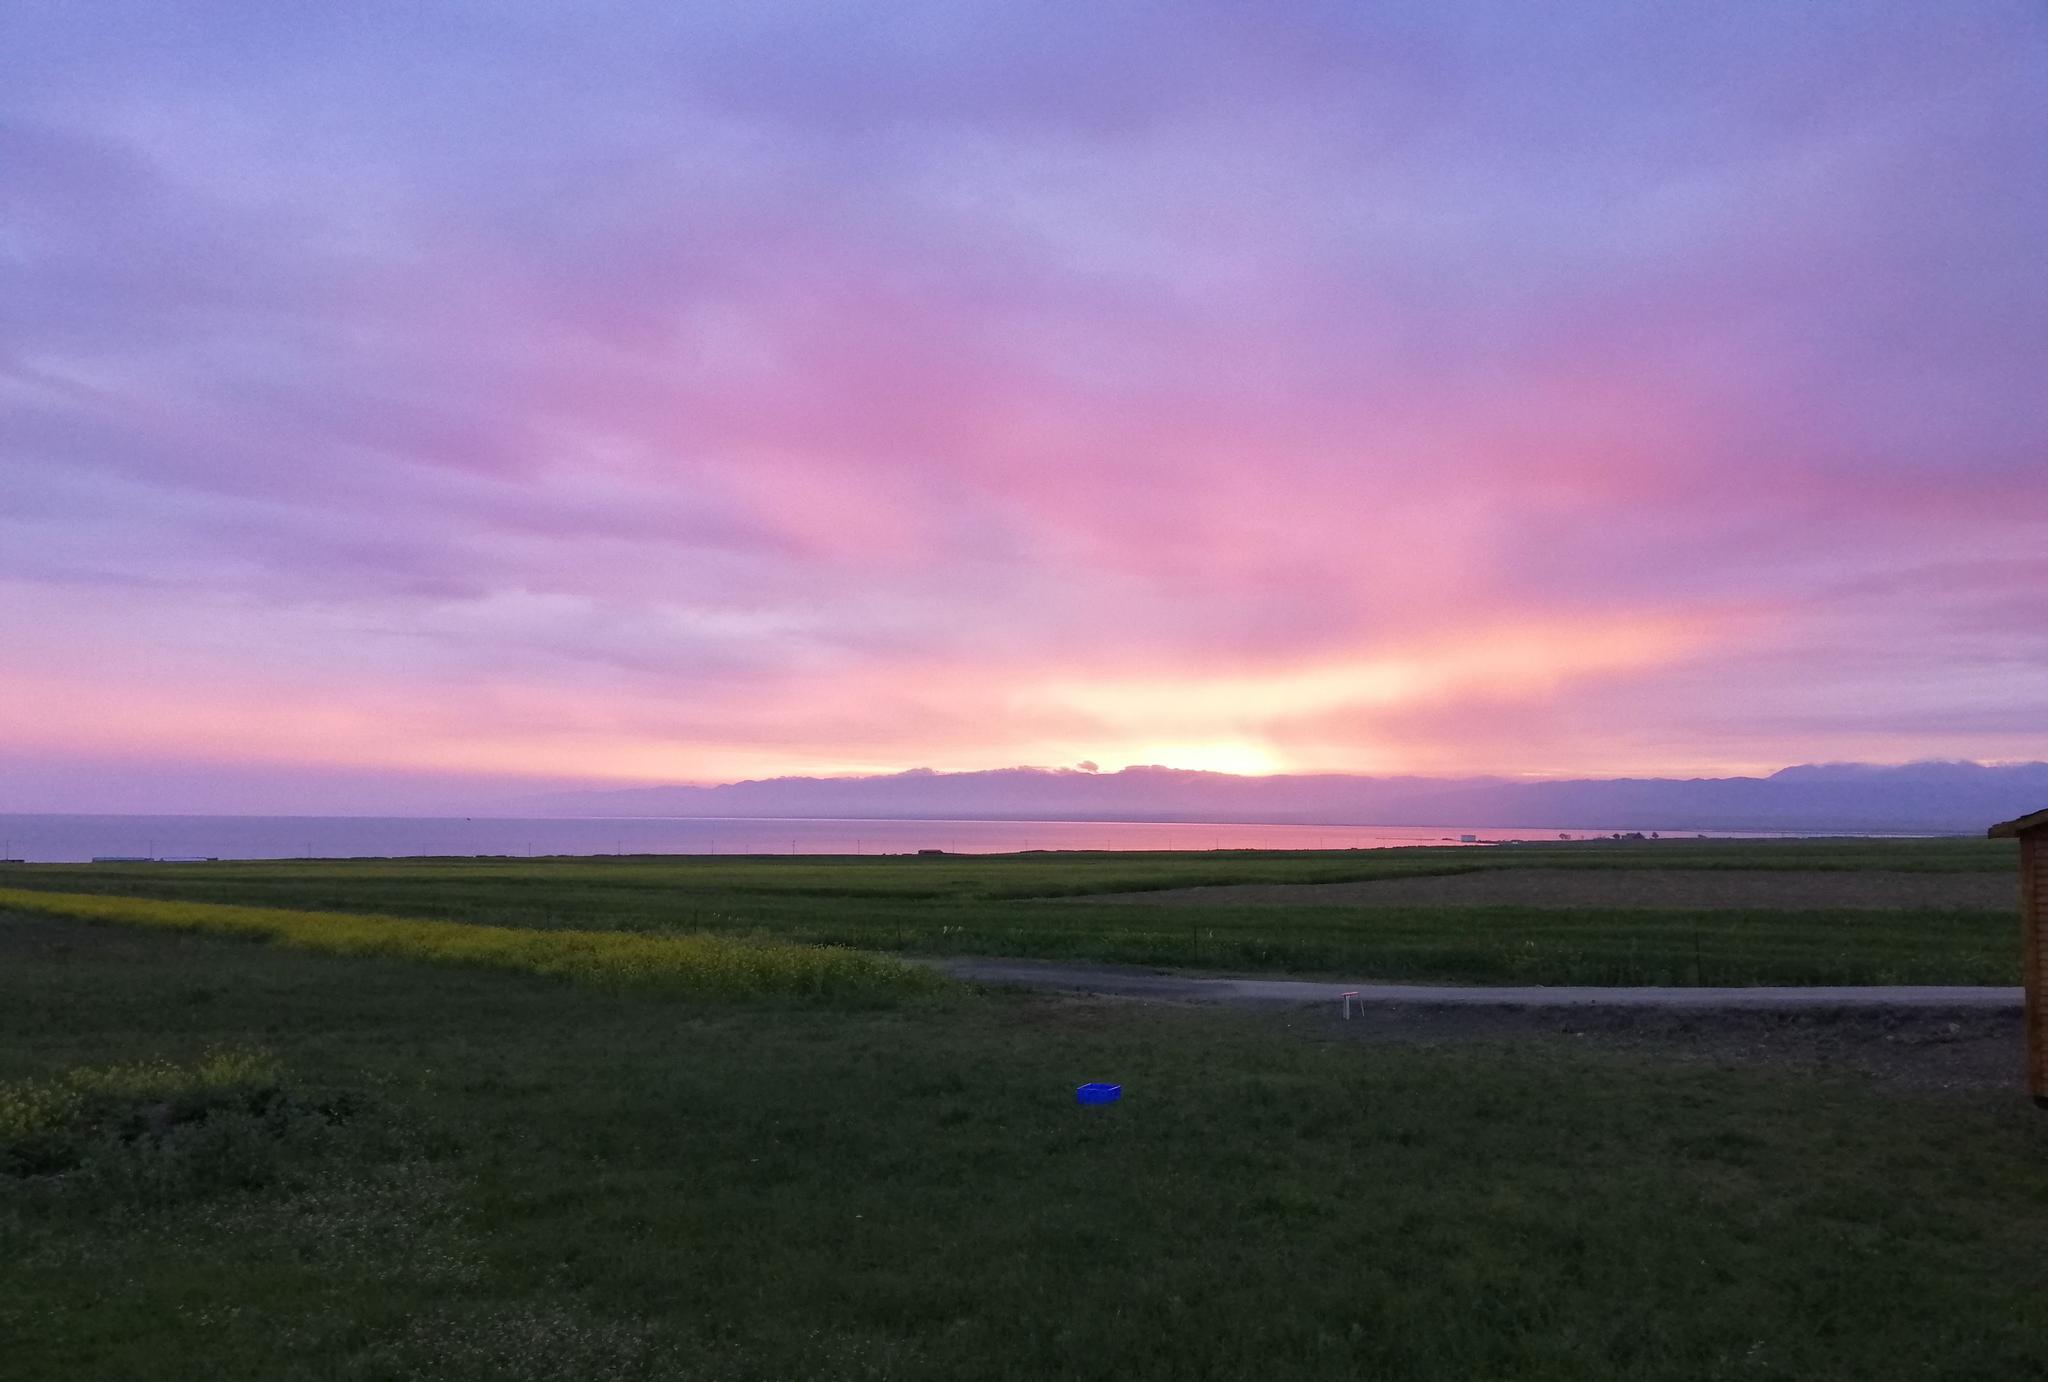 若尔盖草原,青海湖一路美景一路欣赏